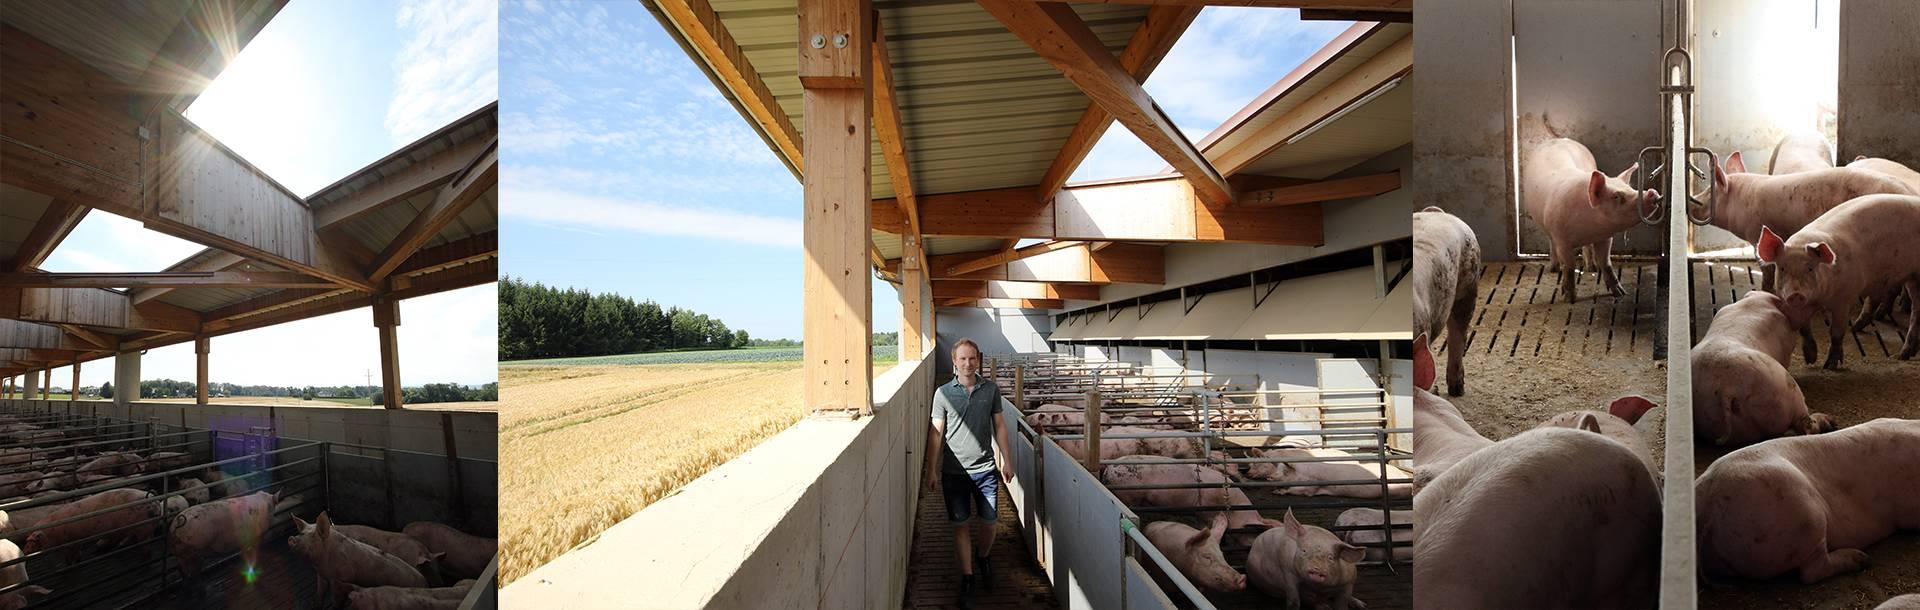 Huetthalers Hofkultur Partnerlandwirt Florian Gattermayr